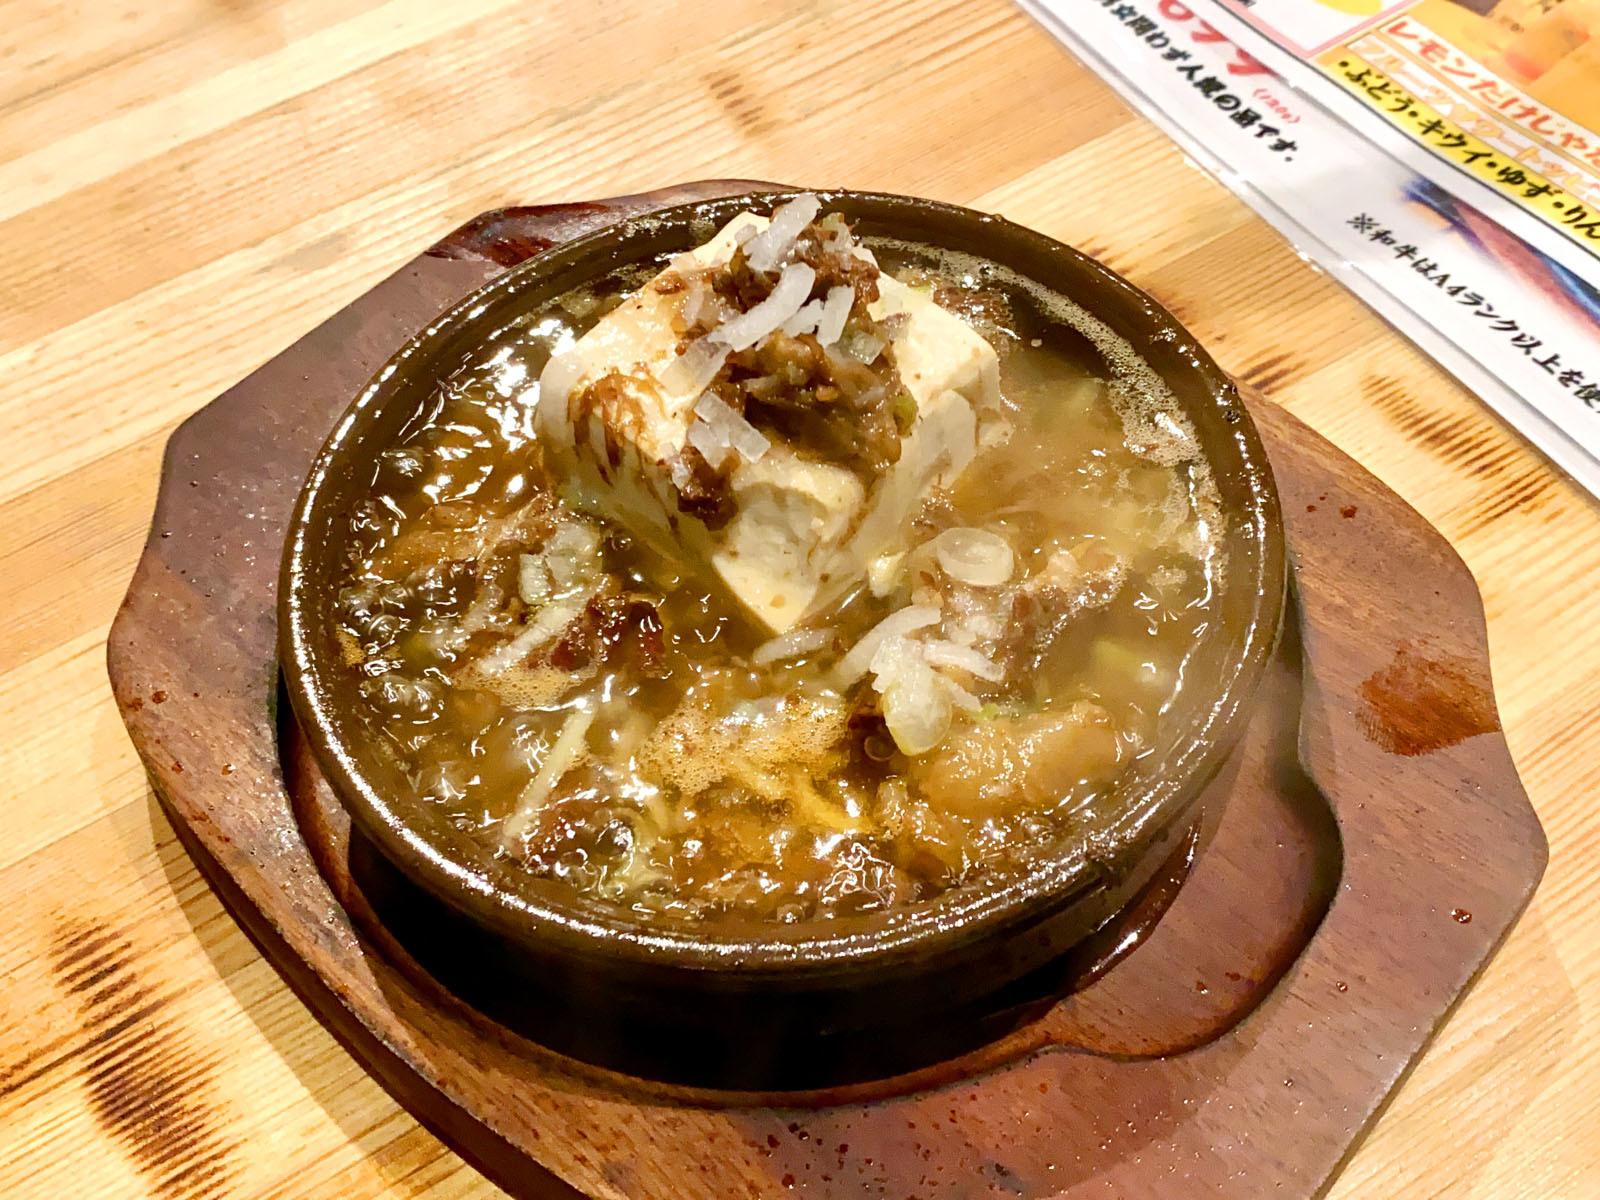 しんみょう精肉店 牛すじ煮込み豆富 499円(税抜き)